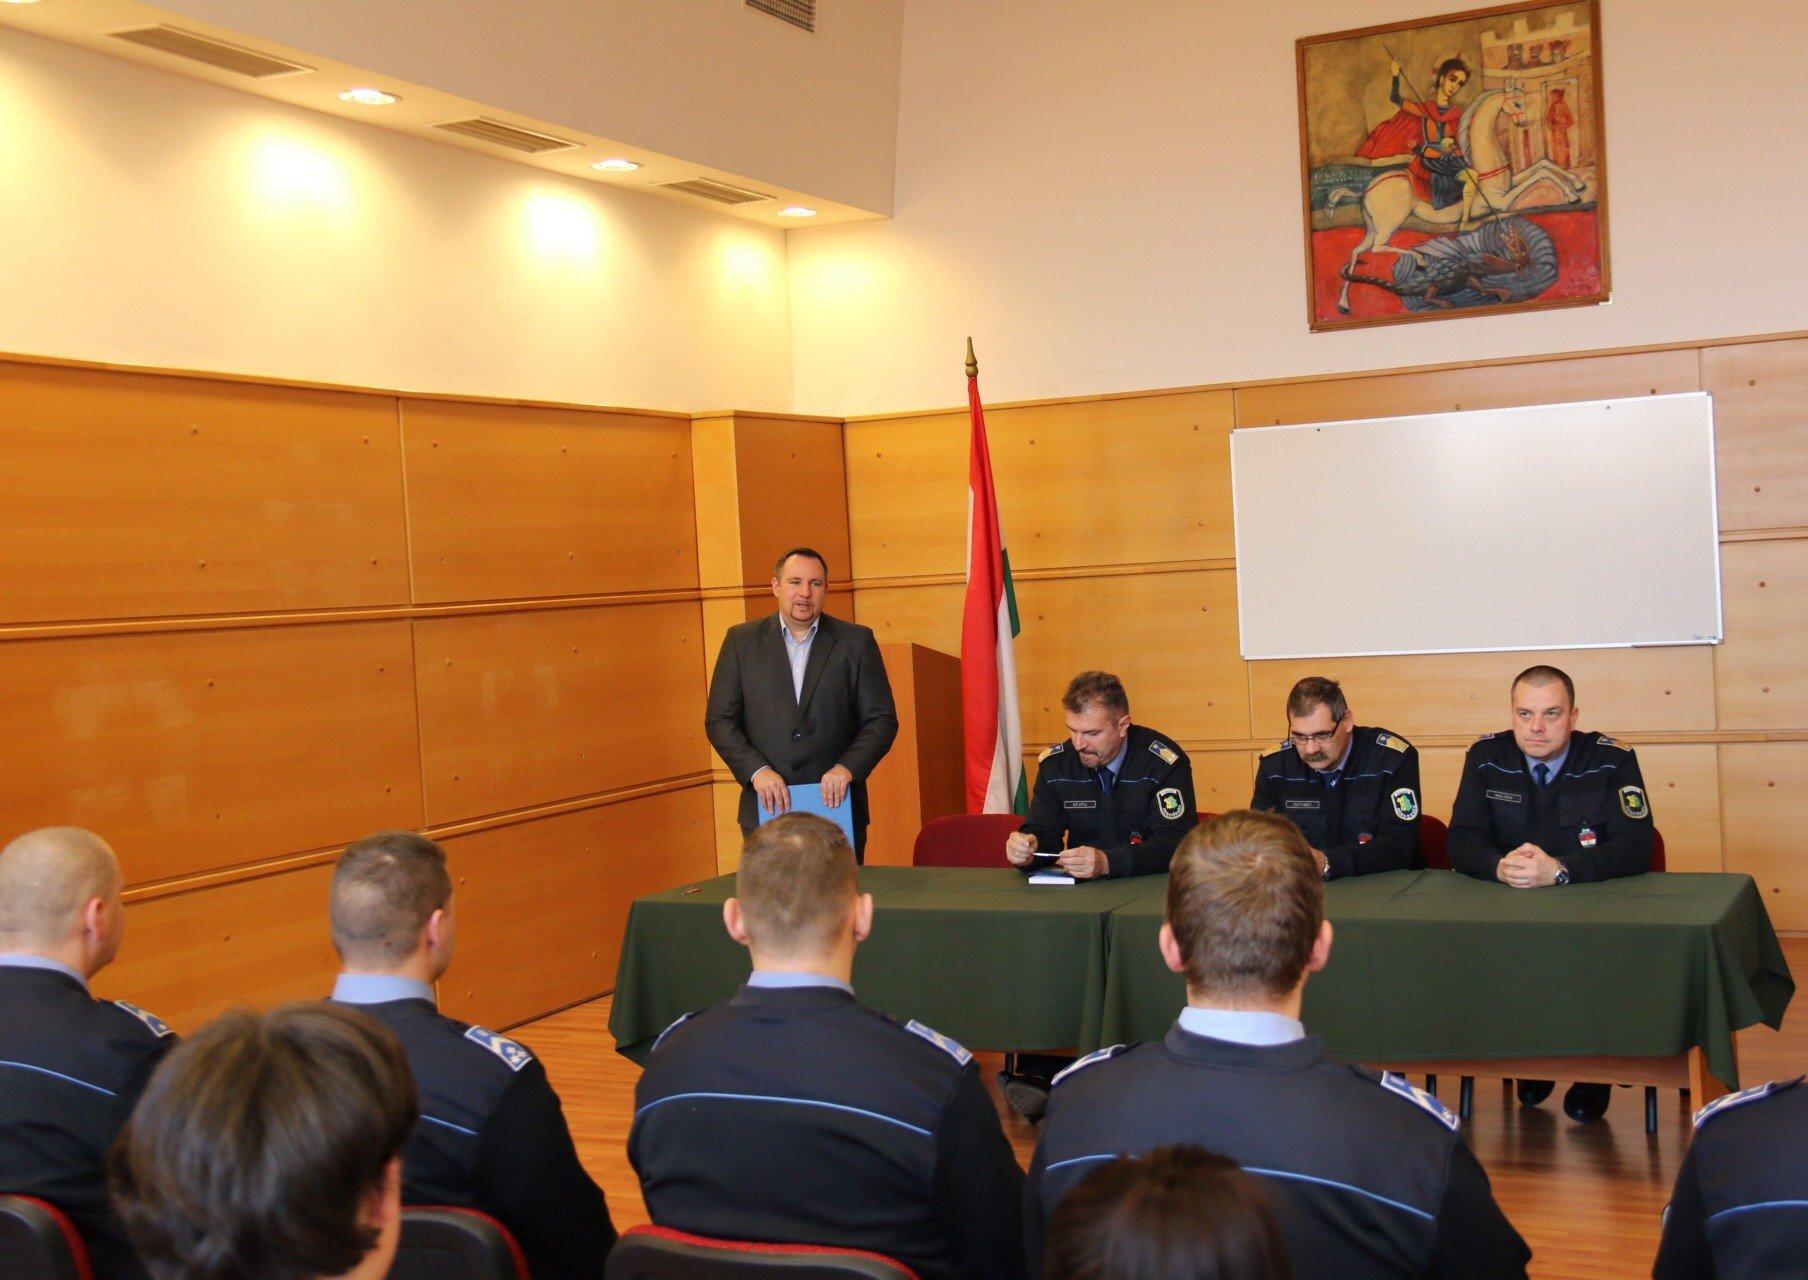 Változások a körzeti megbízotti állományban Dunaújvárosban